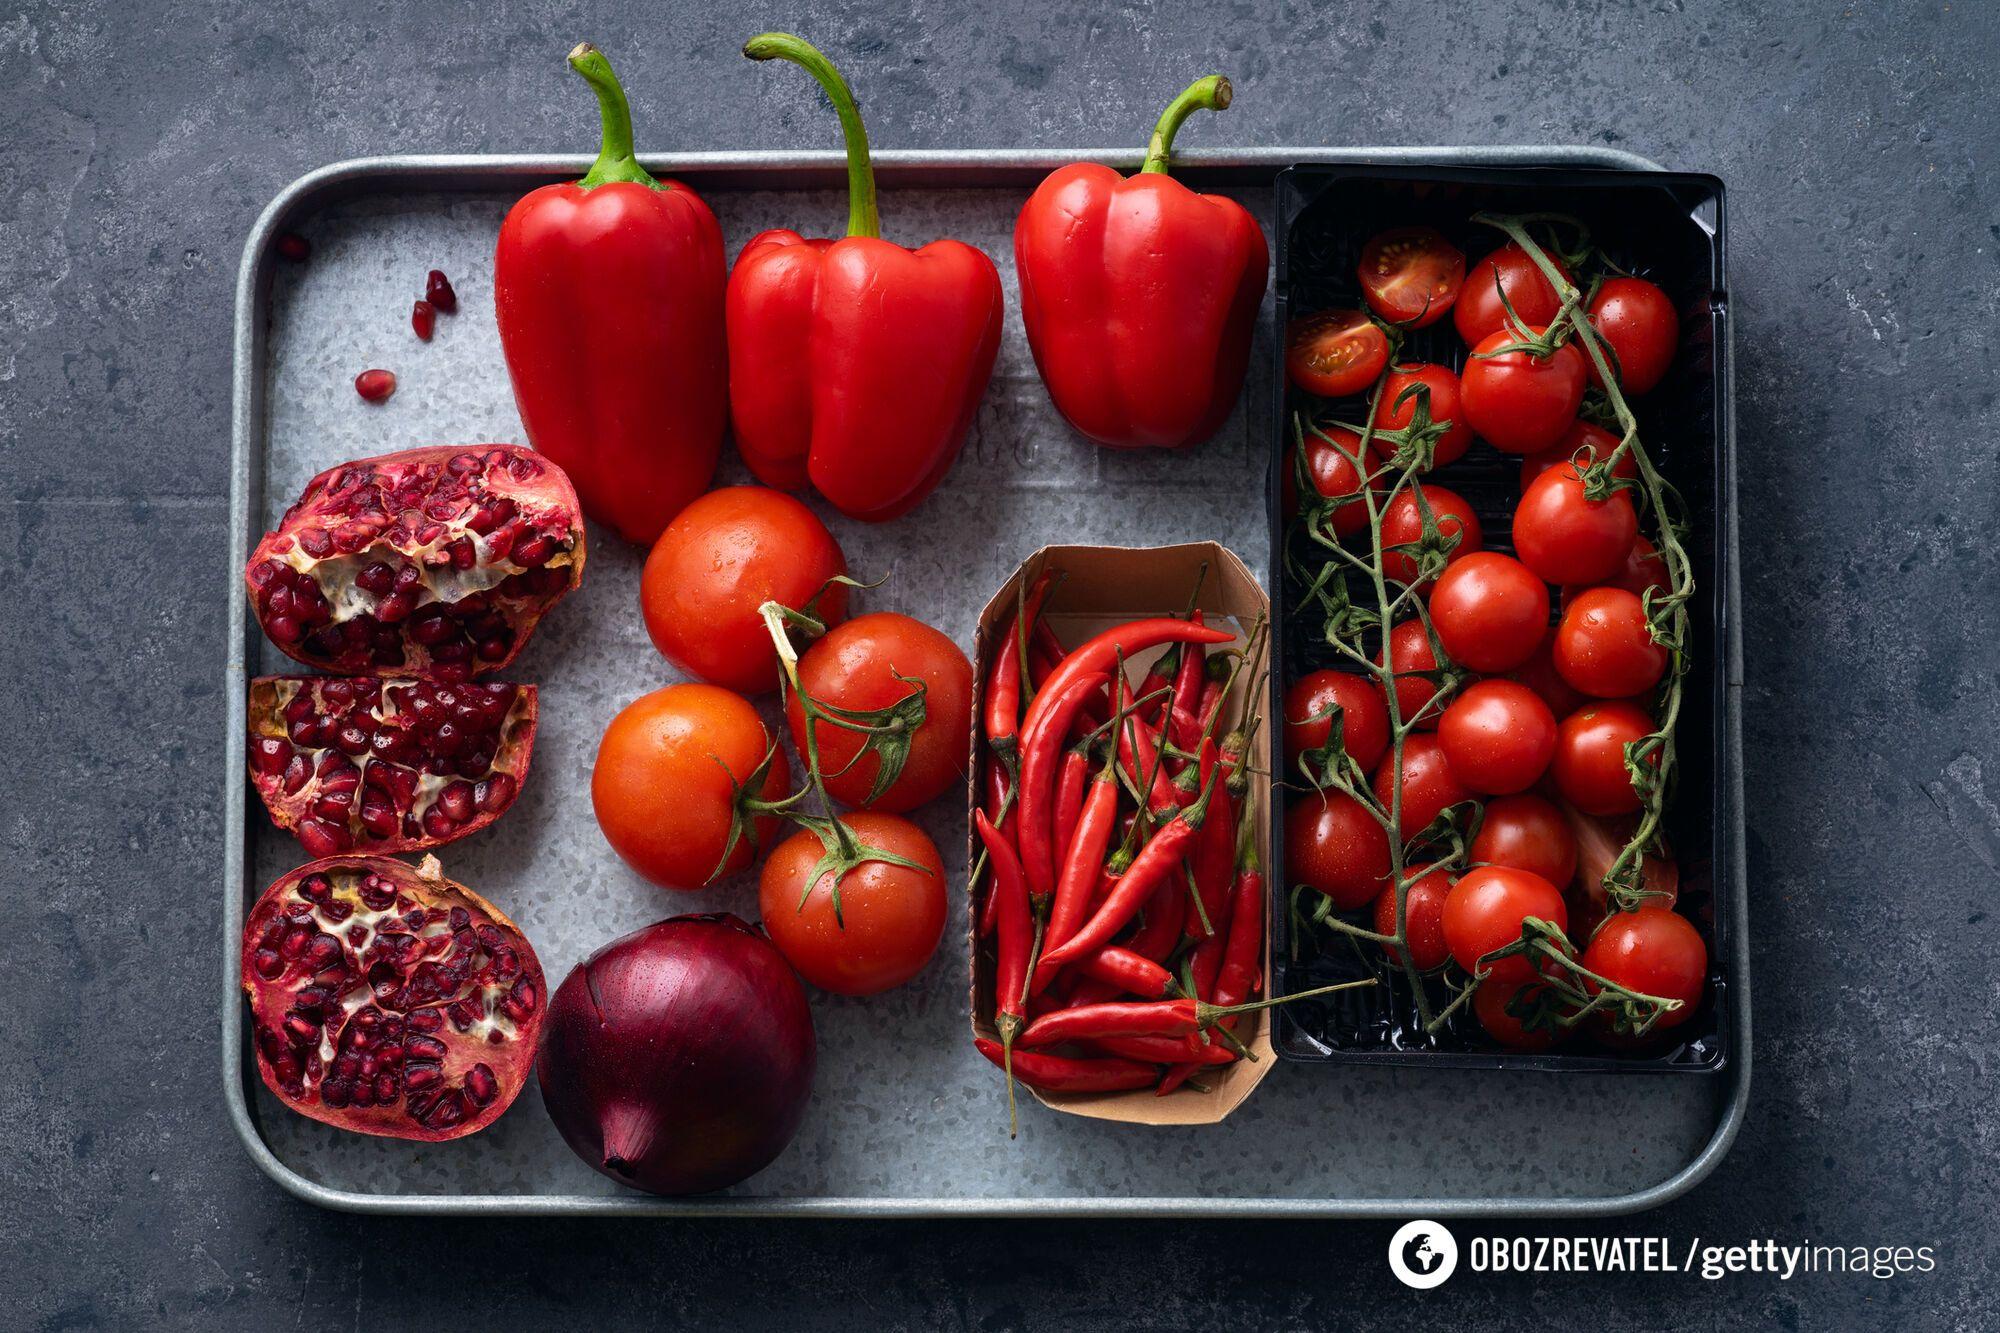 Червоні і багряні плоди – важлива частина меню під час карантину